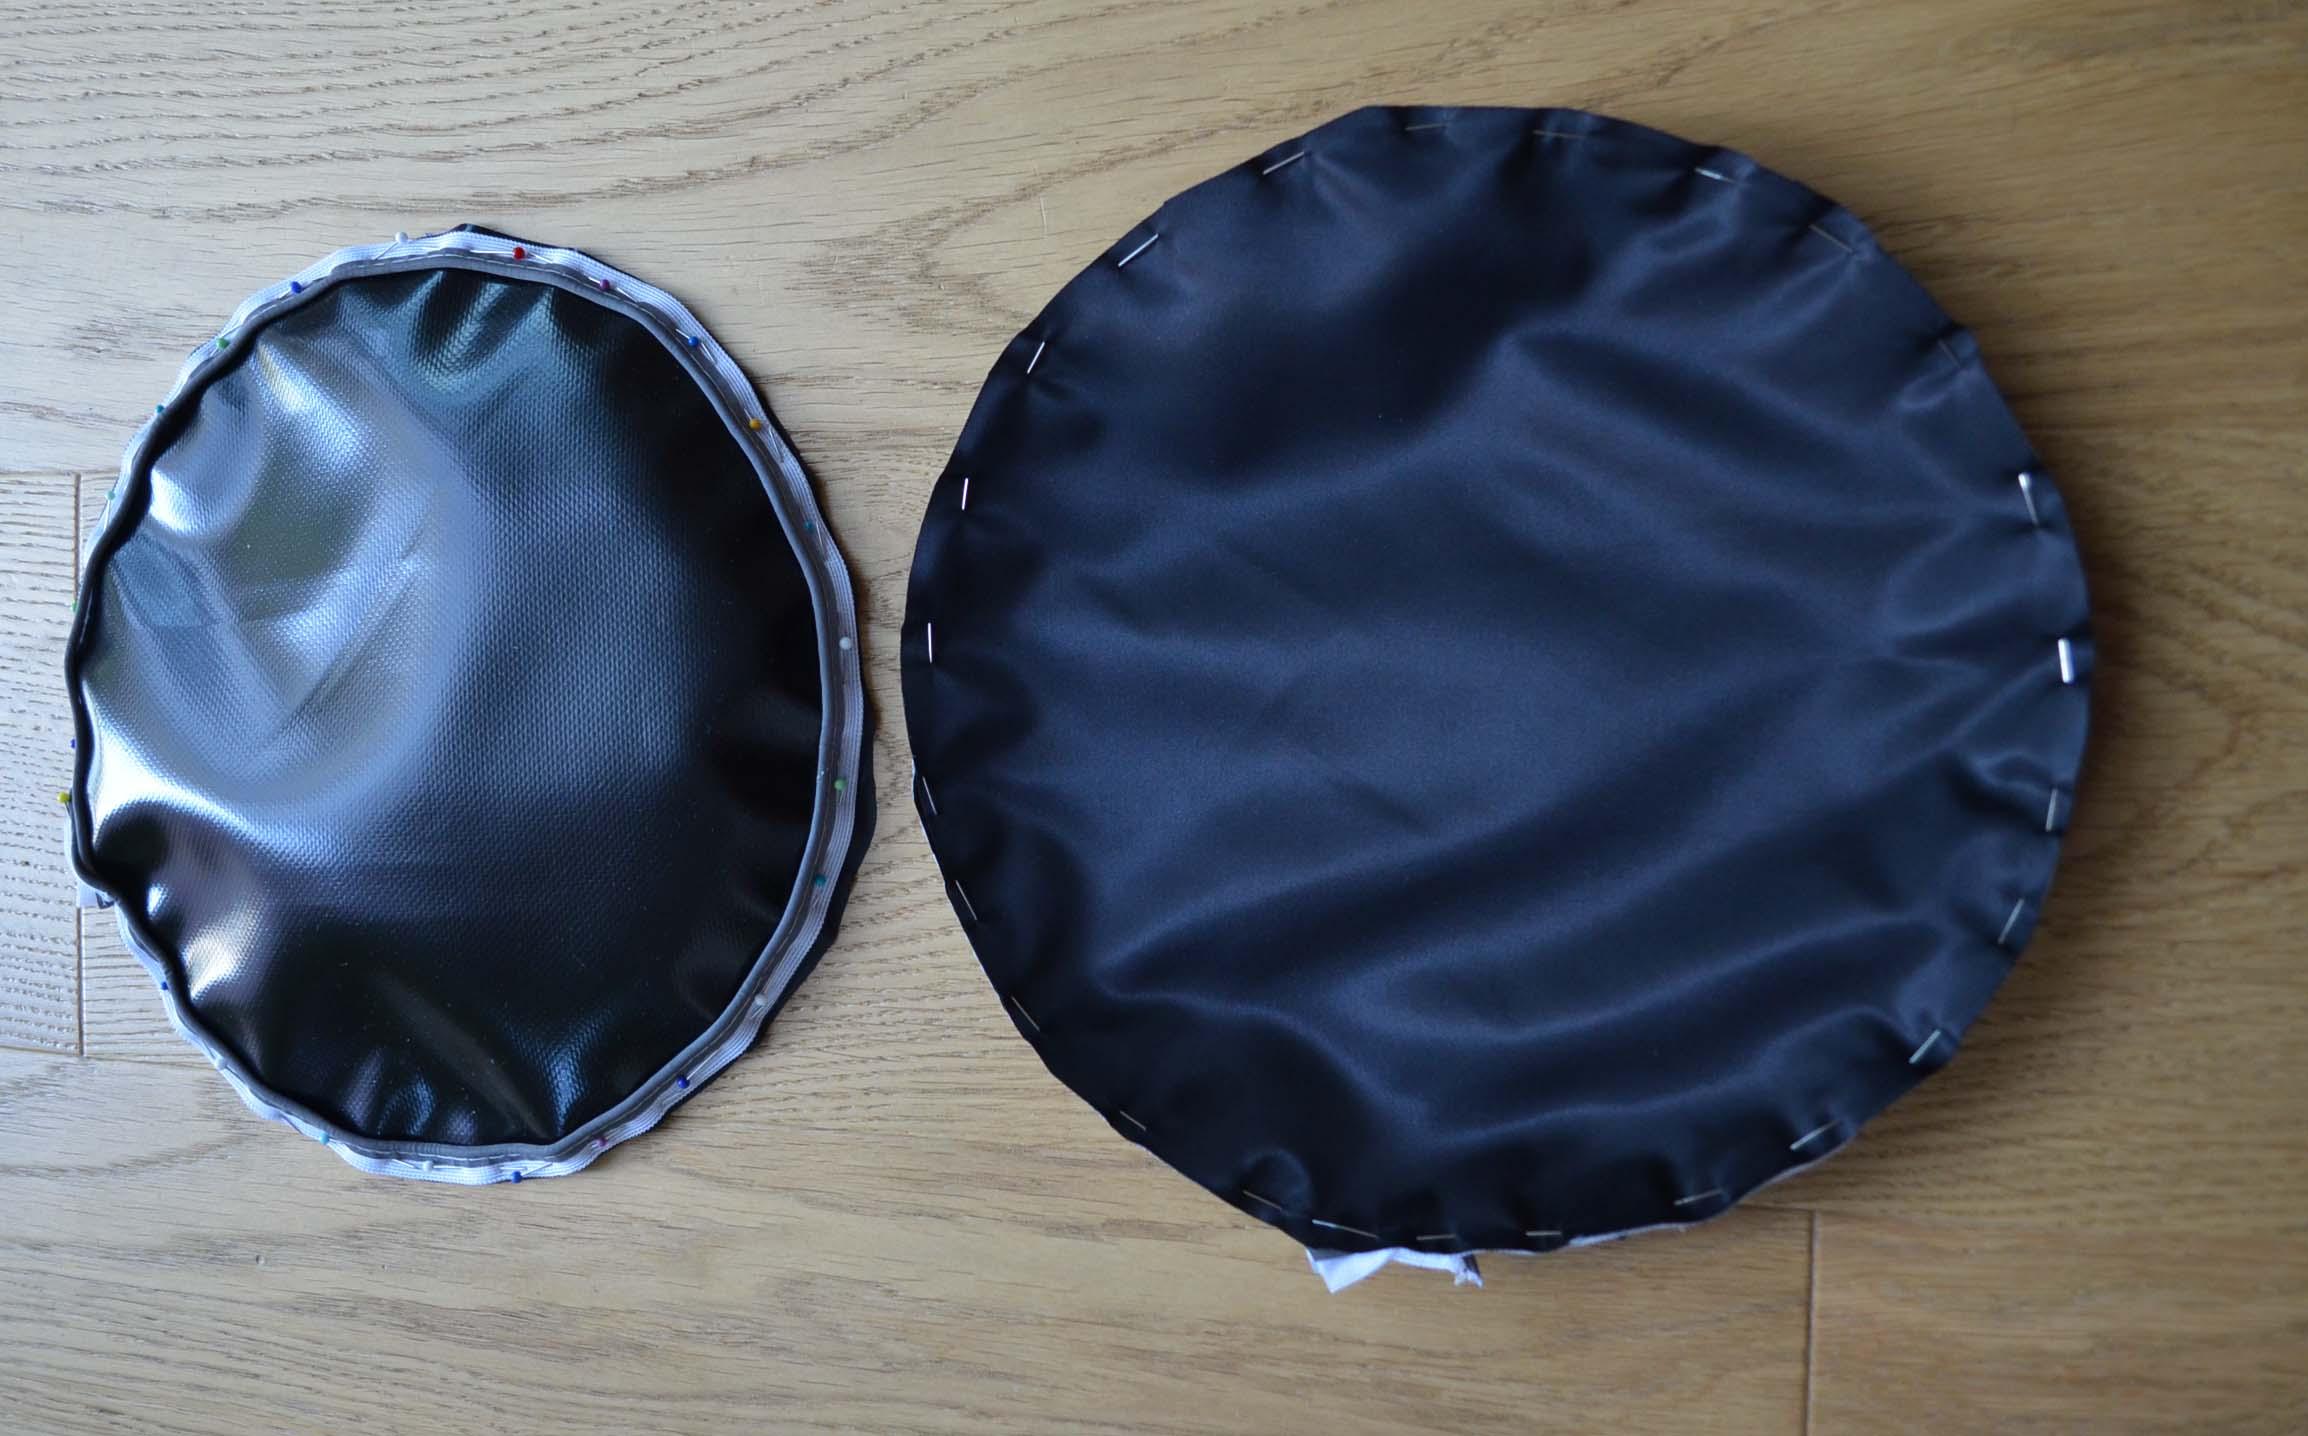 roetsch paspelband und futter runde seiten schwarze lkw planen sport tasche. Black Bedroom Furniture Sets. Home Design Ideas